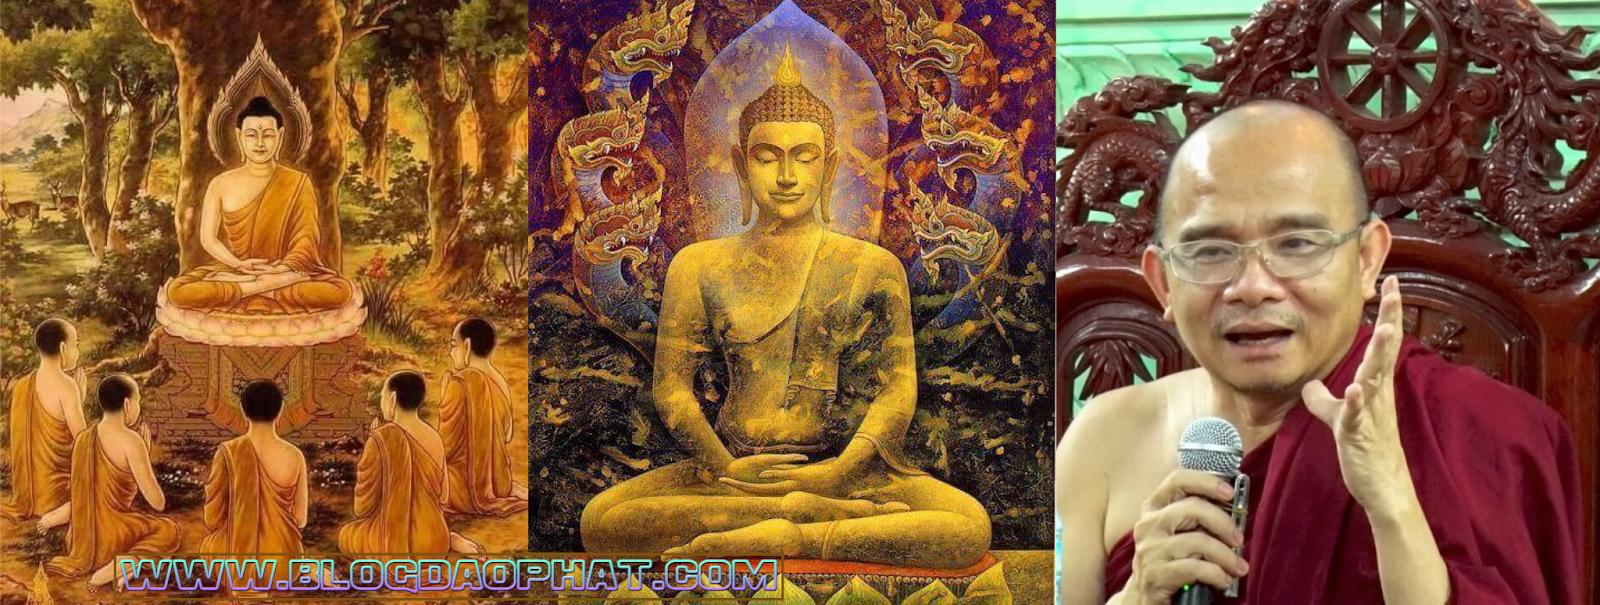 """TỨ DIỆU ĐẾ: """"Niệm Phật"""" và Tứ niệm xứ - Sư Giác Nguyên (Toại Khanh Vietherevada)"""